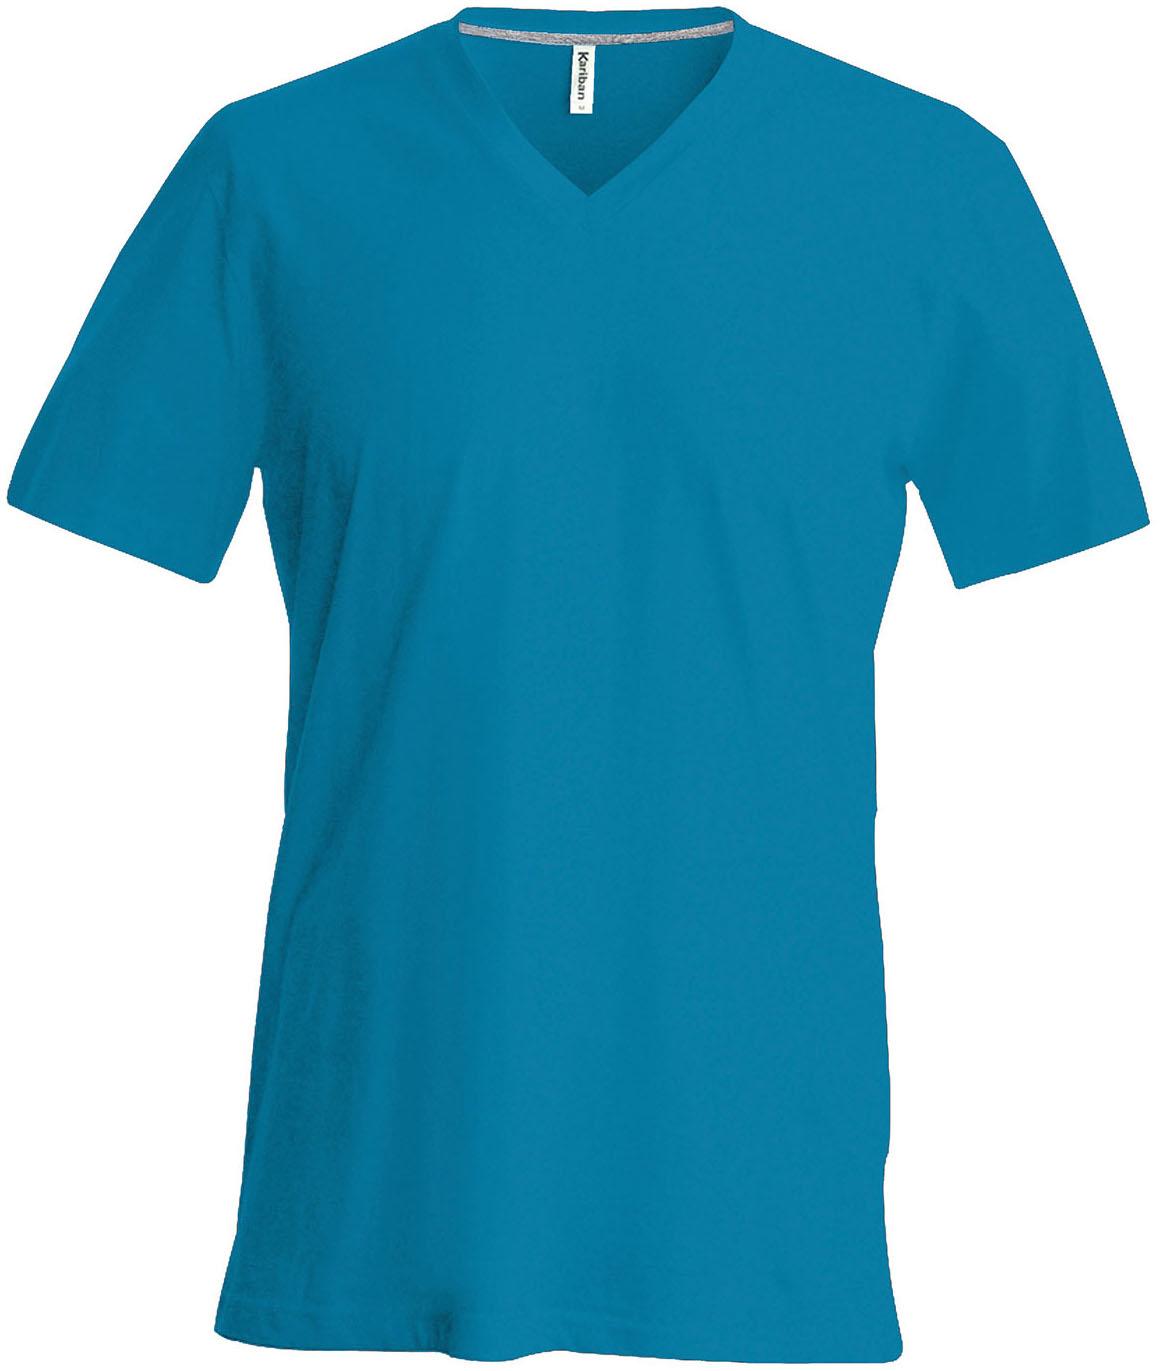 T-paita K356 V-aukko Tropical Blue